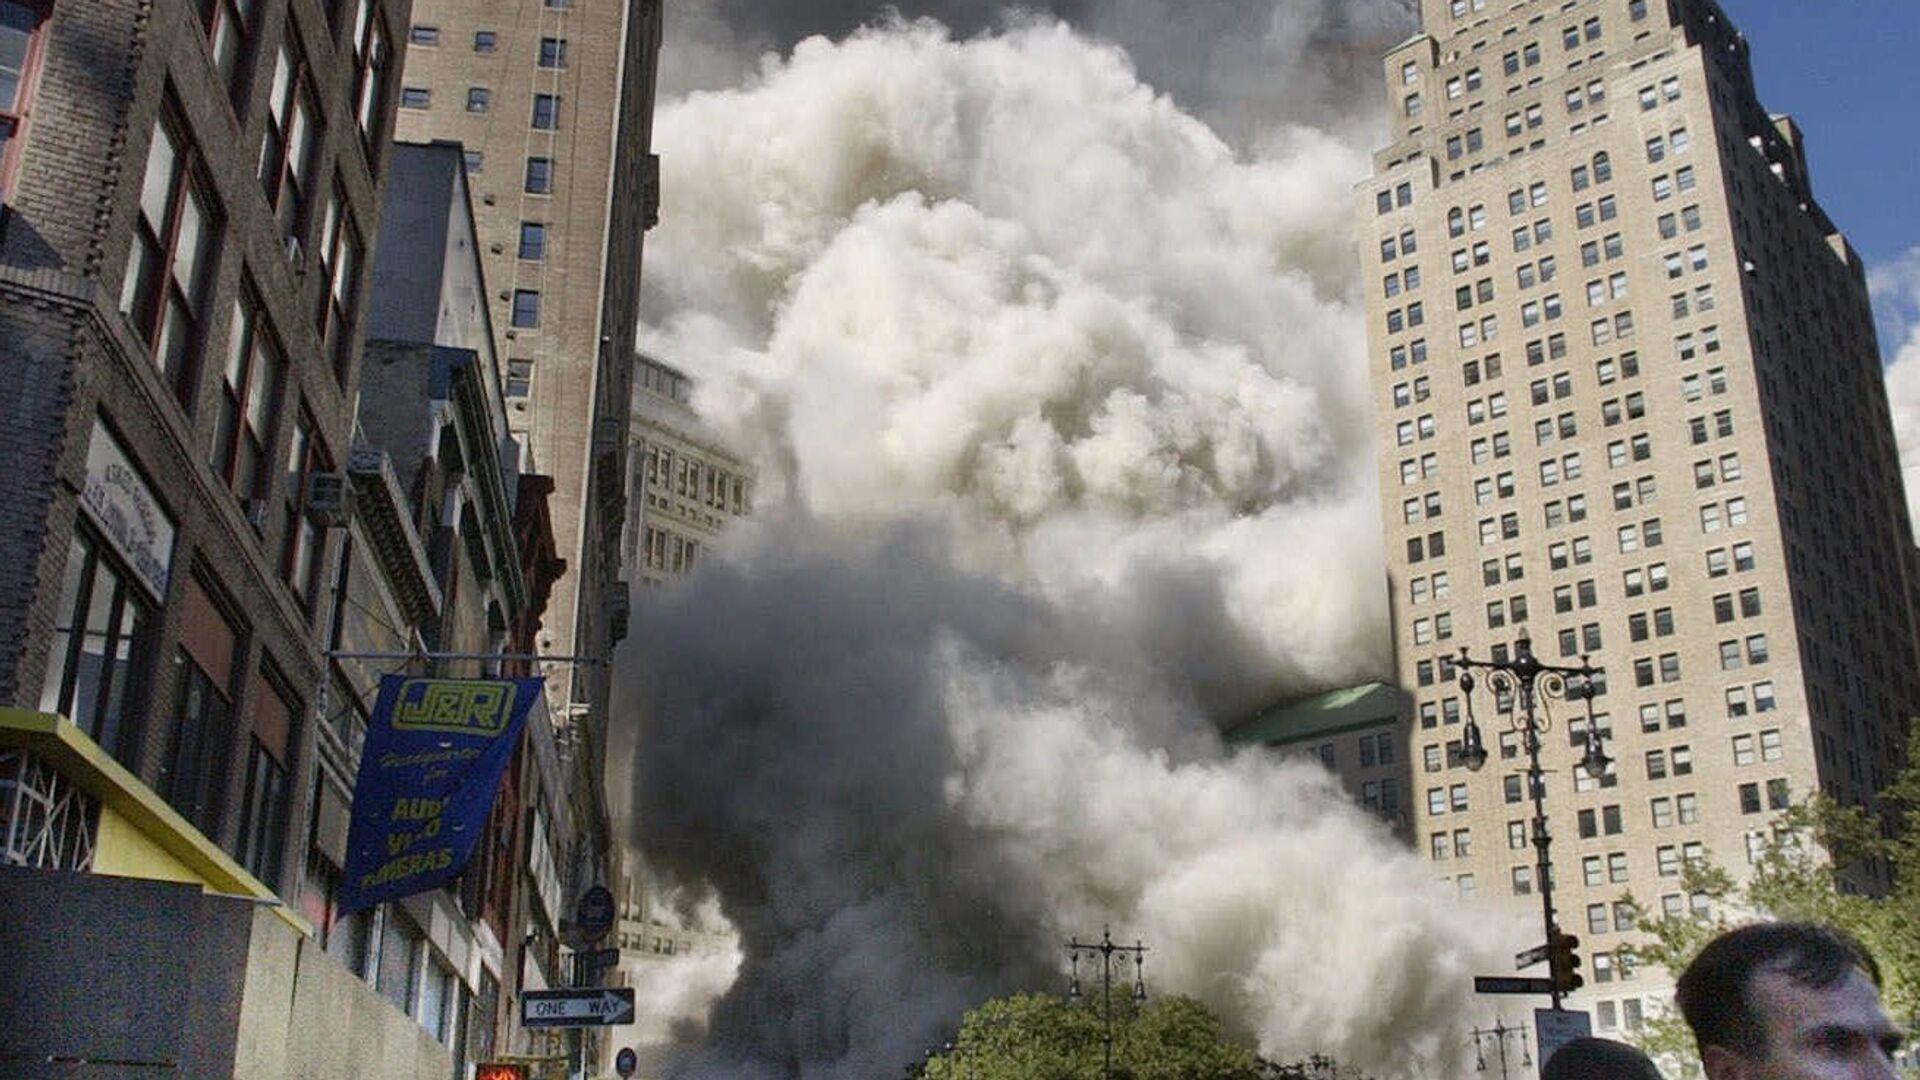 Пешеходы у Всемирного торгового центра во время обрушения южной башни в Нью-Йорке 11 сентября 2001 года - Sputnik Mundo, 1920, 08.09.2021